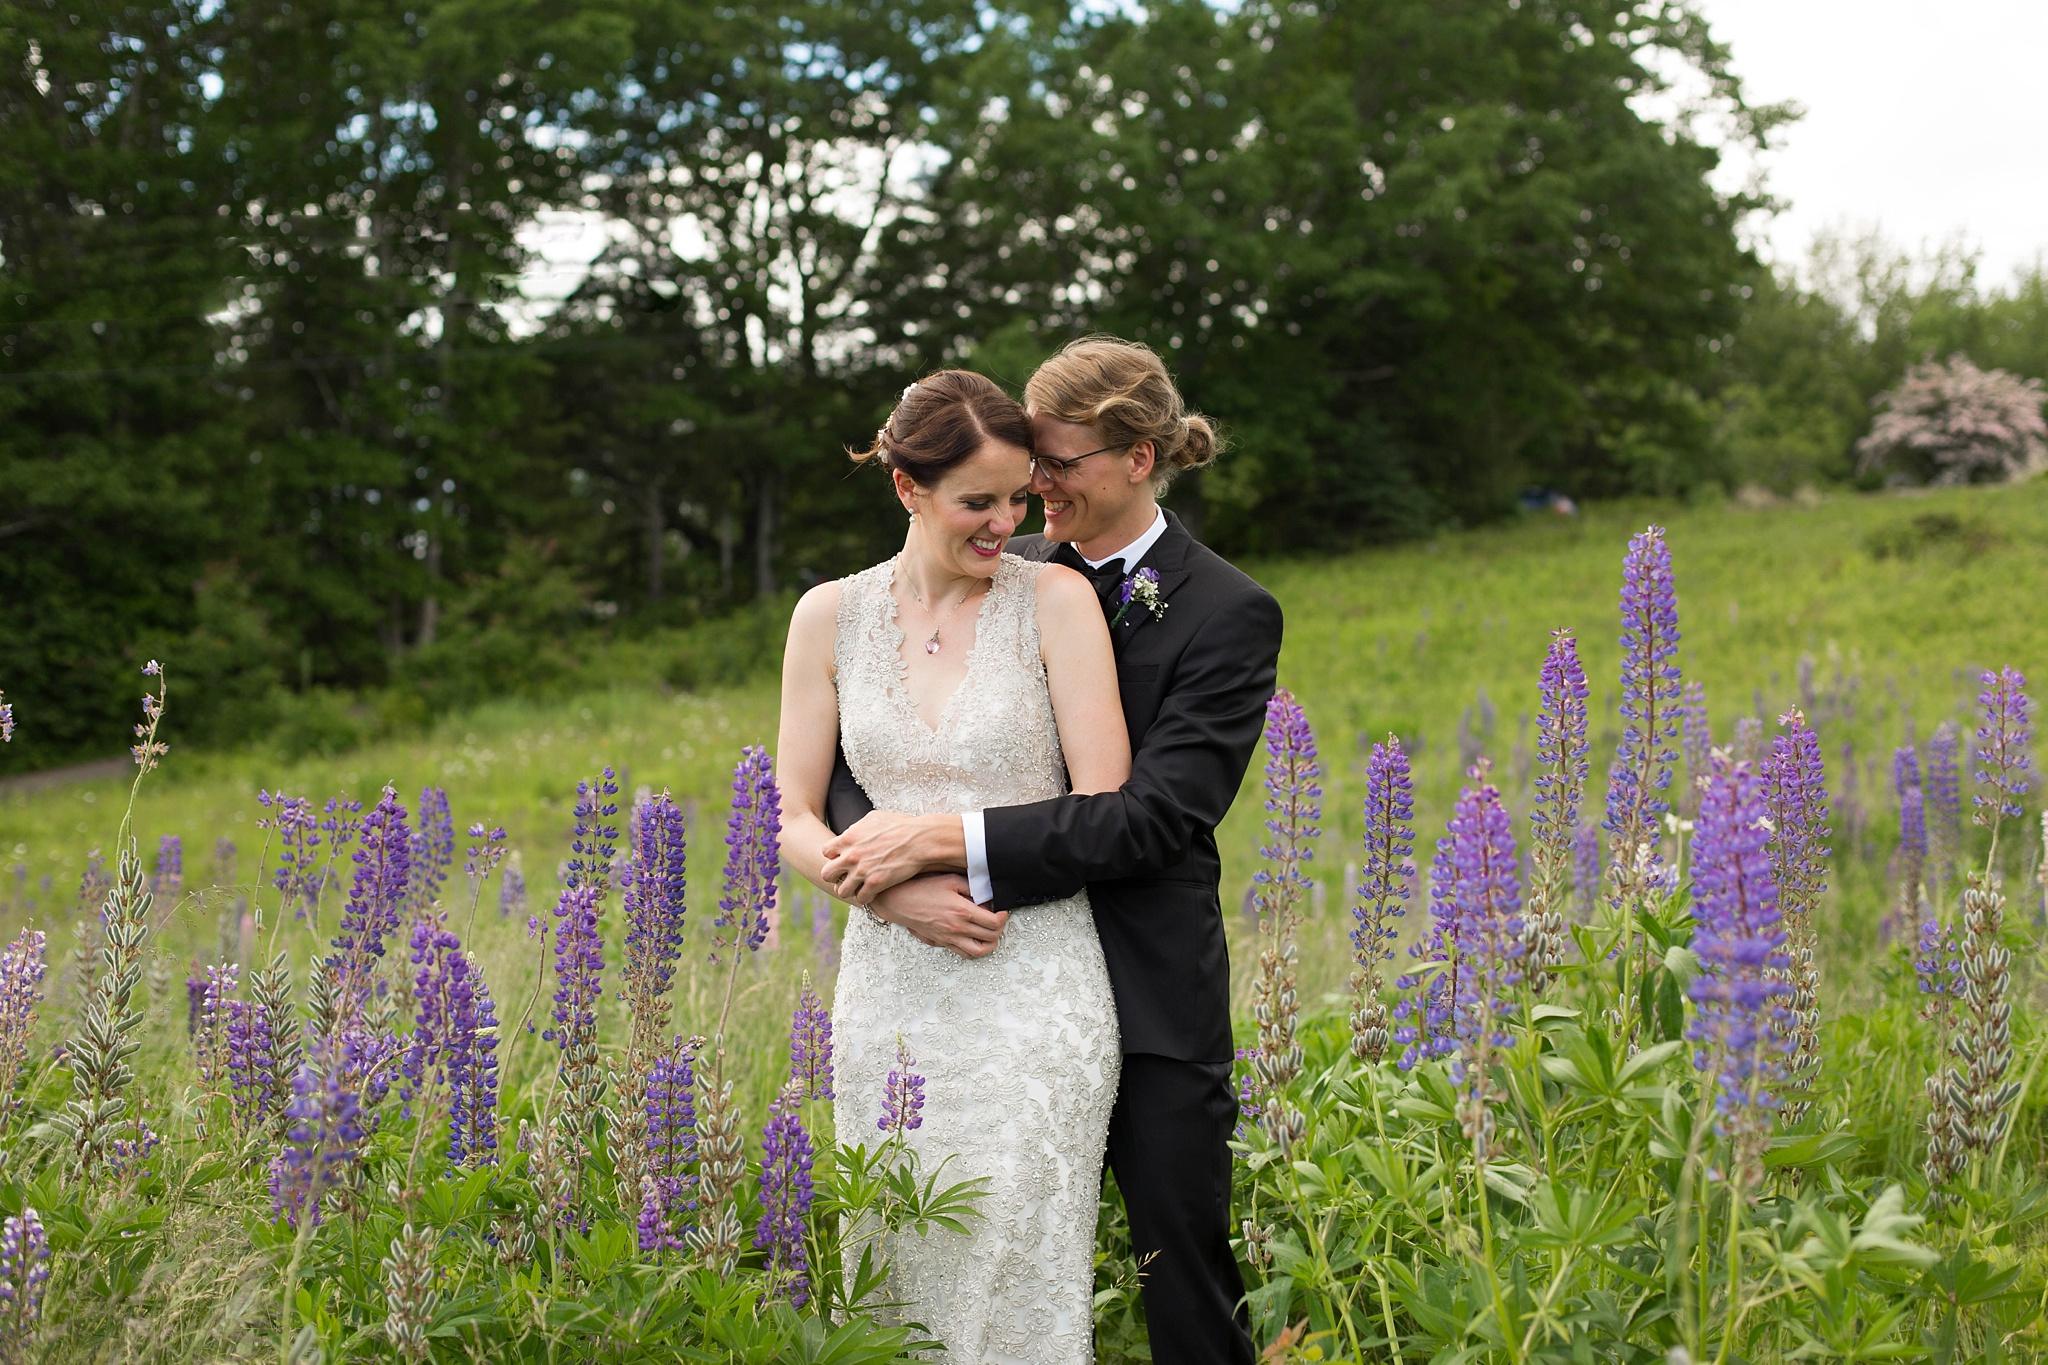 Wedding in lupine field